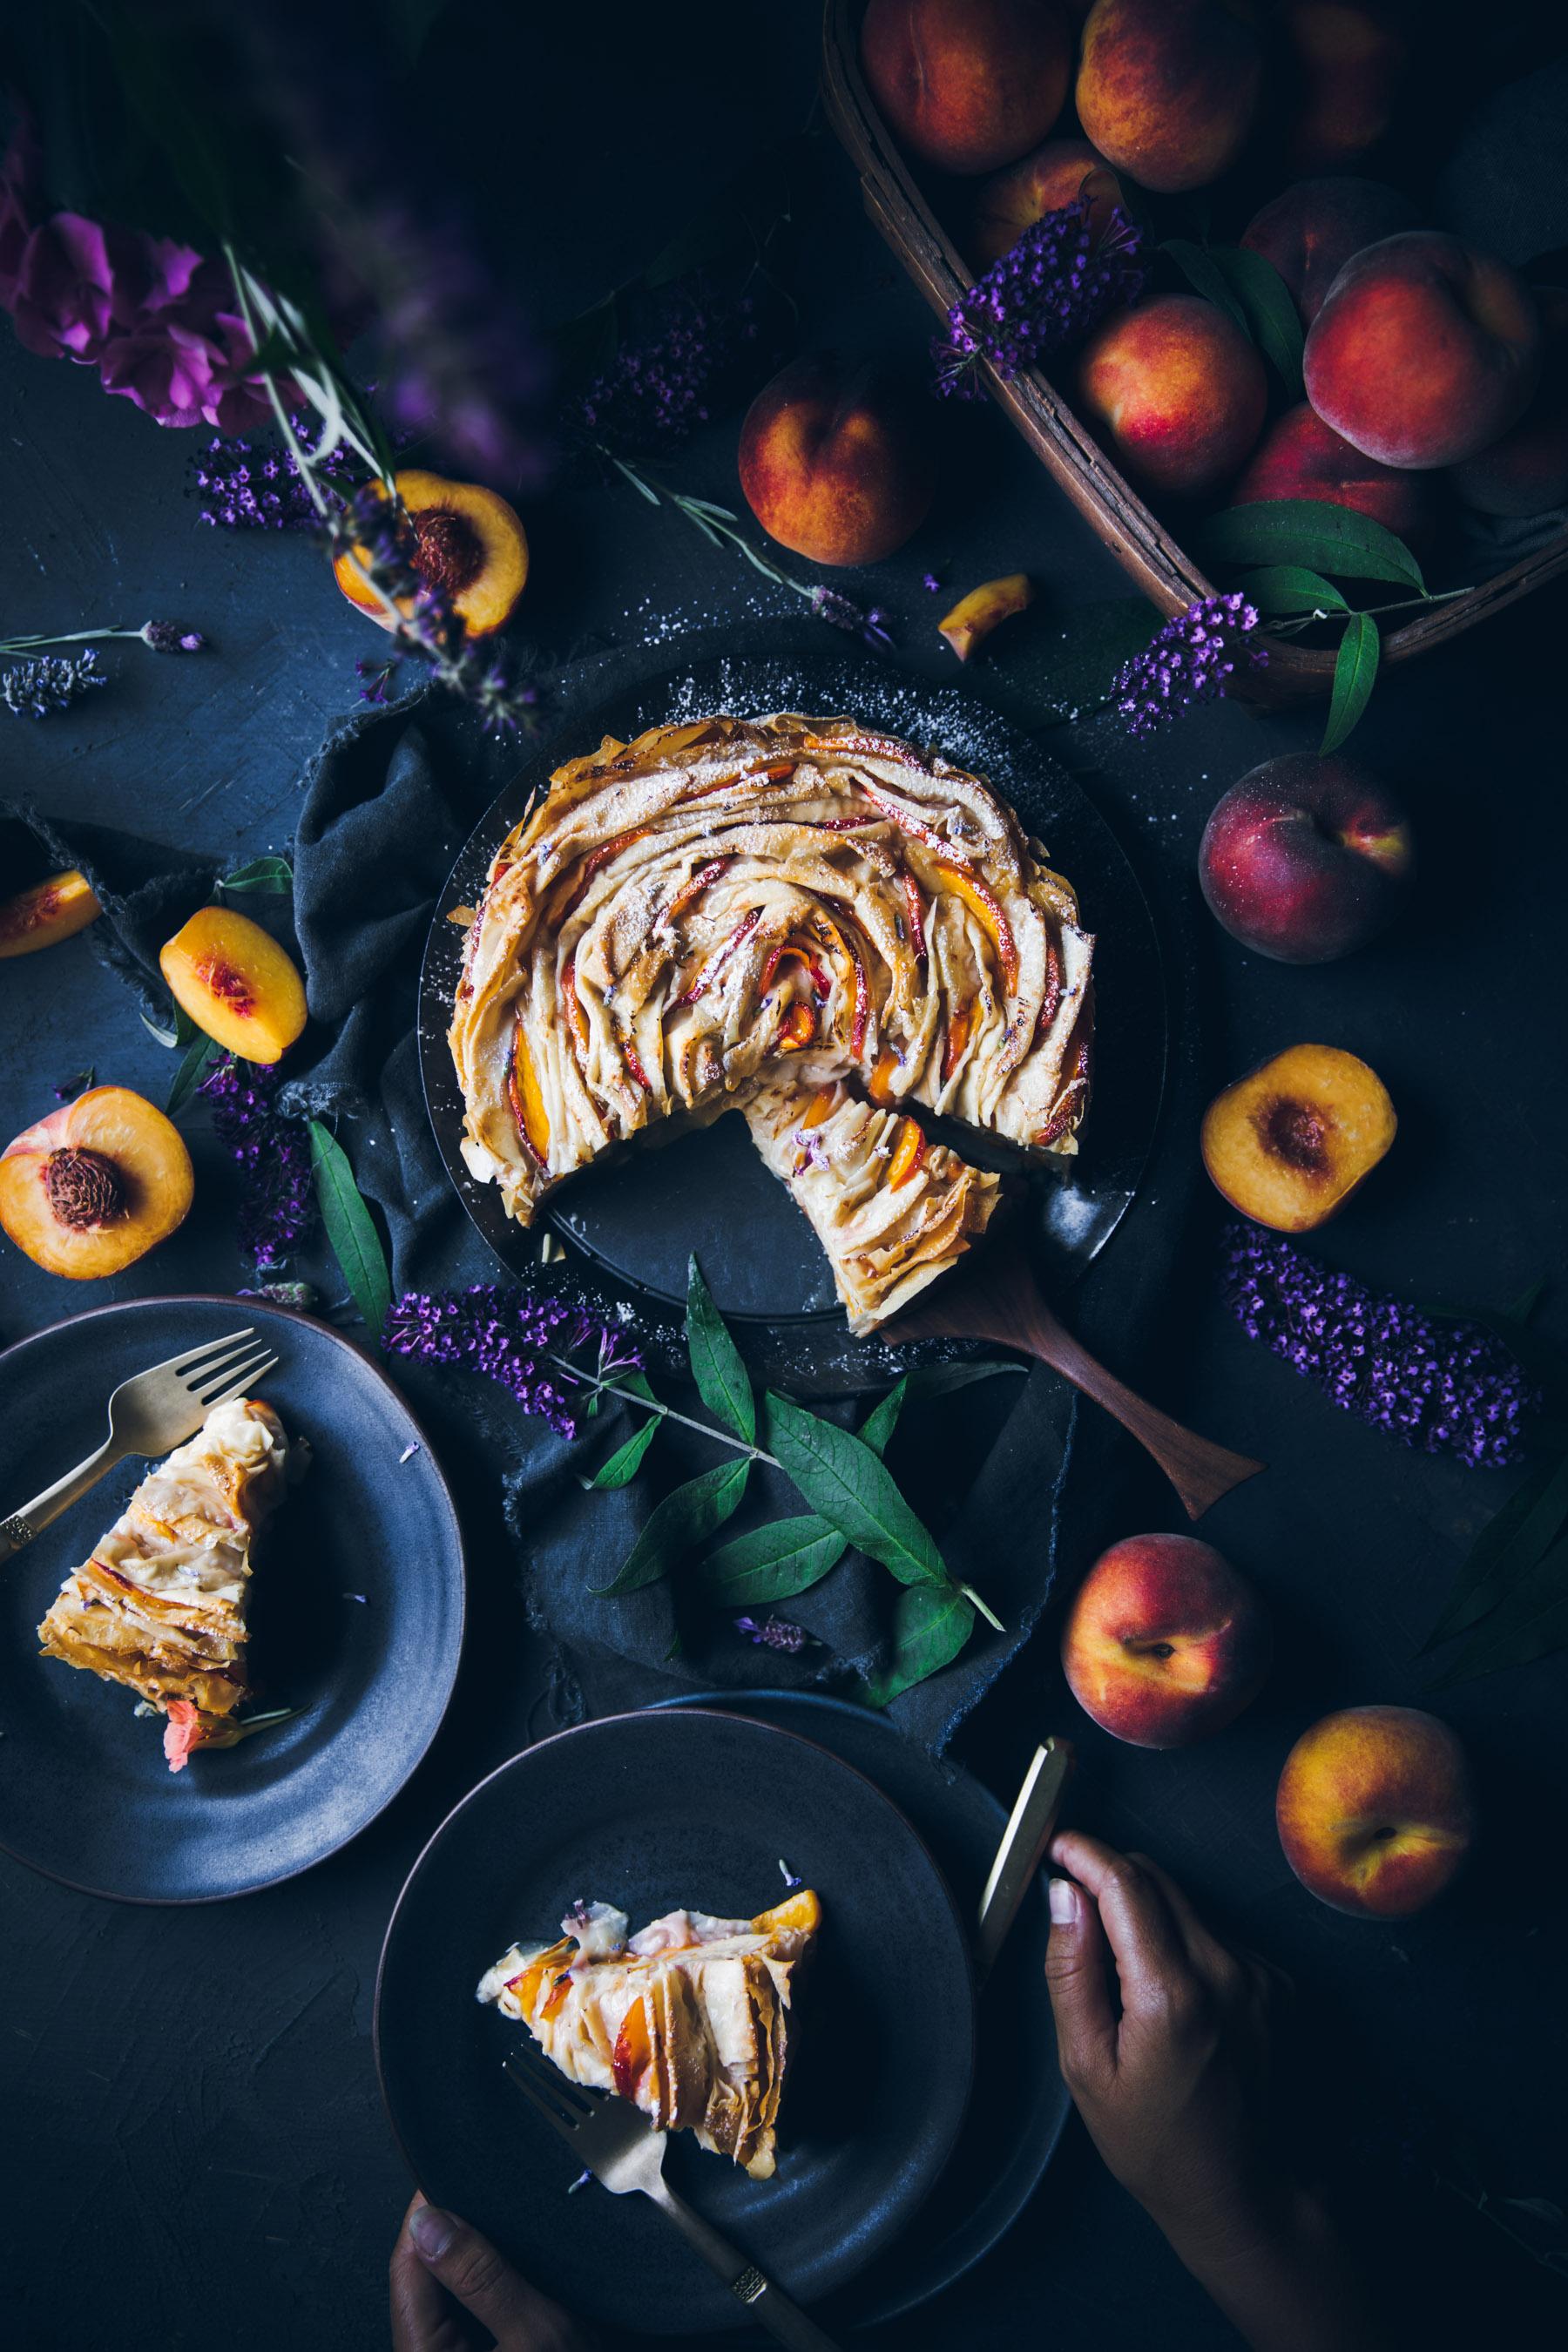 Peaches and Cream Strudel